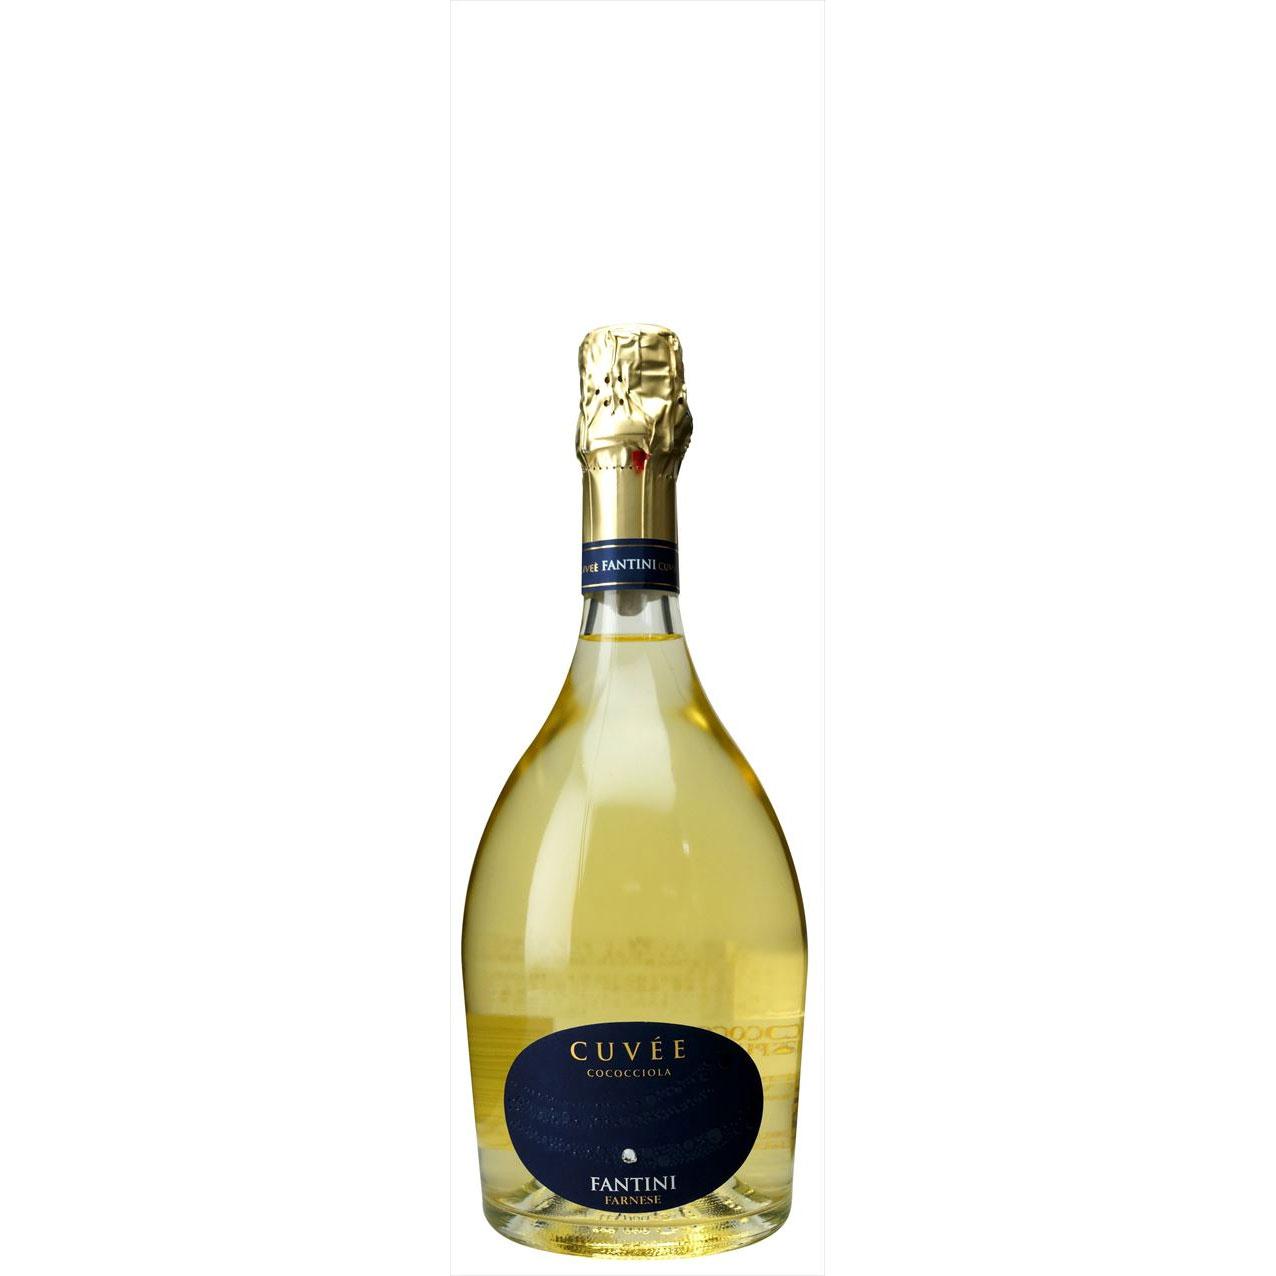 【ラッキーシール対応】母の日 ギフト ファンティーニ スプマンテ キュヴェ ココッチオーラ ファルネーゼ 白 750ml 6本 イタリア アブルッツォ 白ワイン コンビニ受取対応商品 ヴィンテージ管理しておりません、変わる場合があります